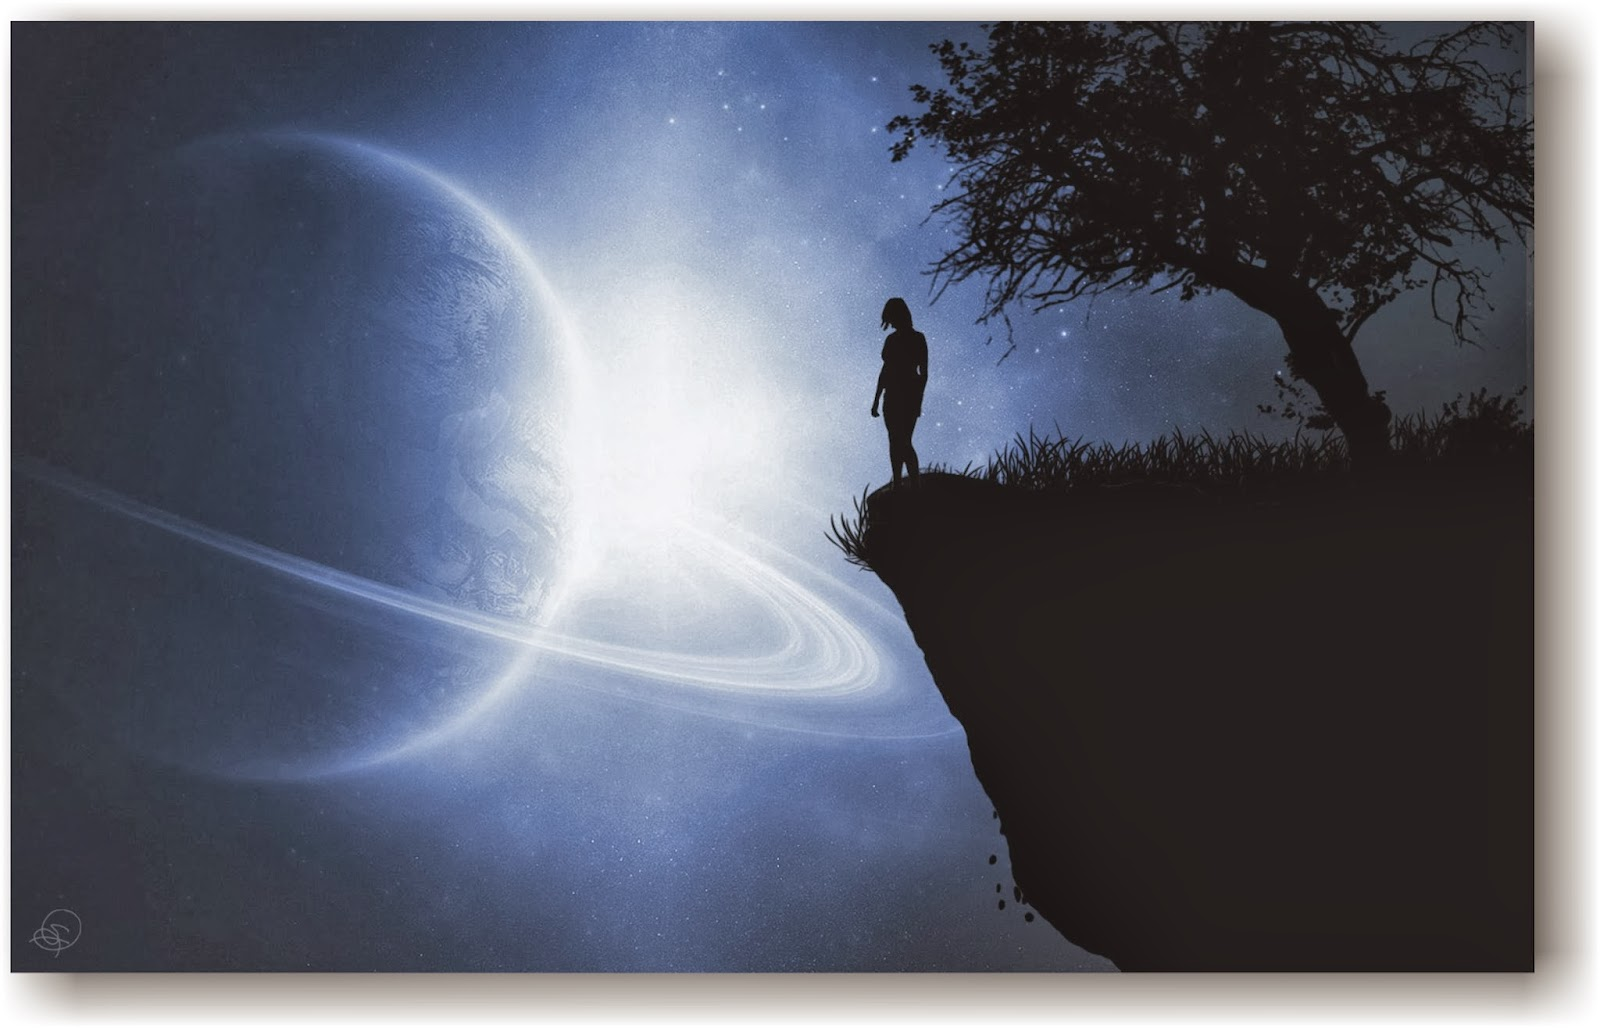 http://pt.gdefon.com/download/planeta_menina_abismo/375304/1920x1200